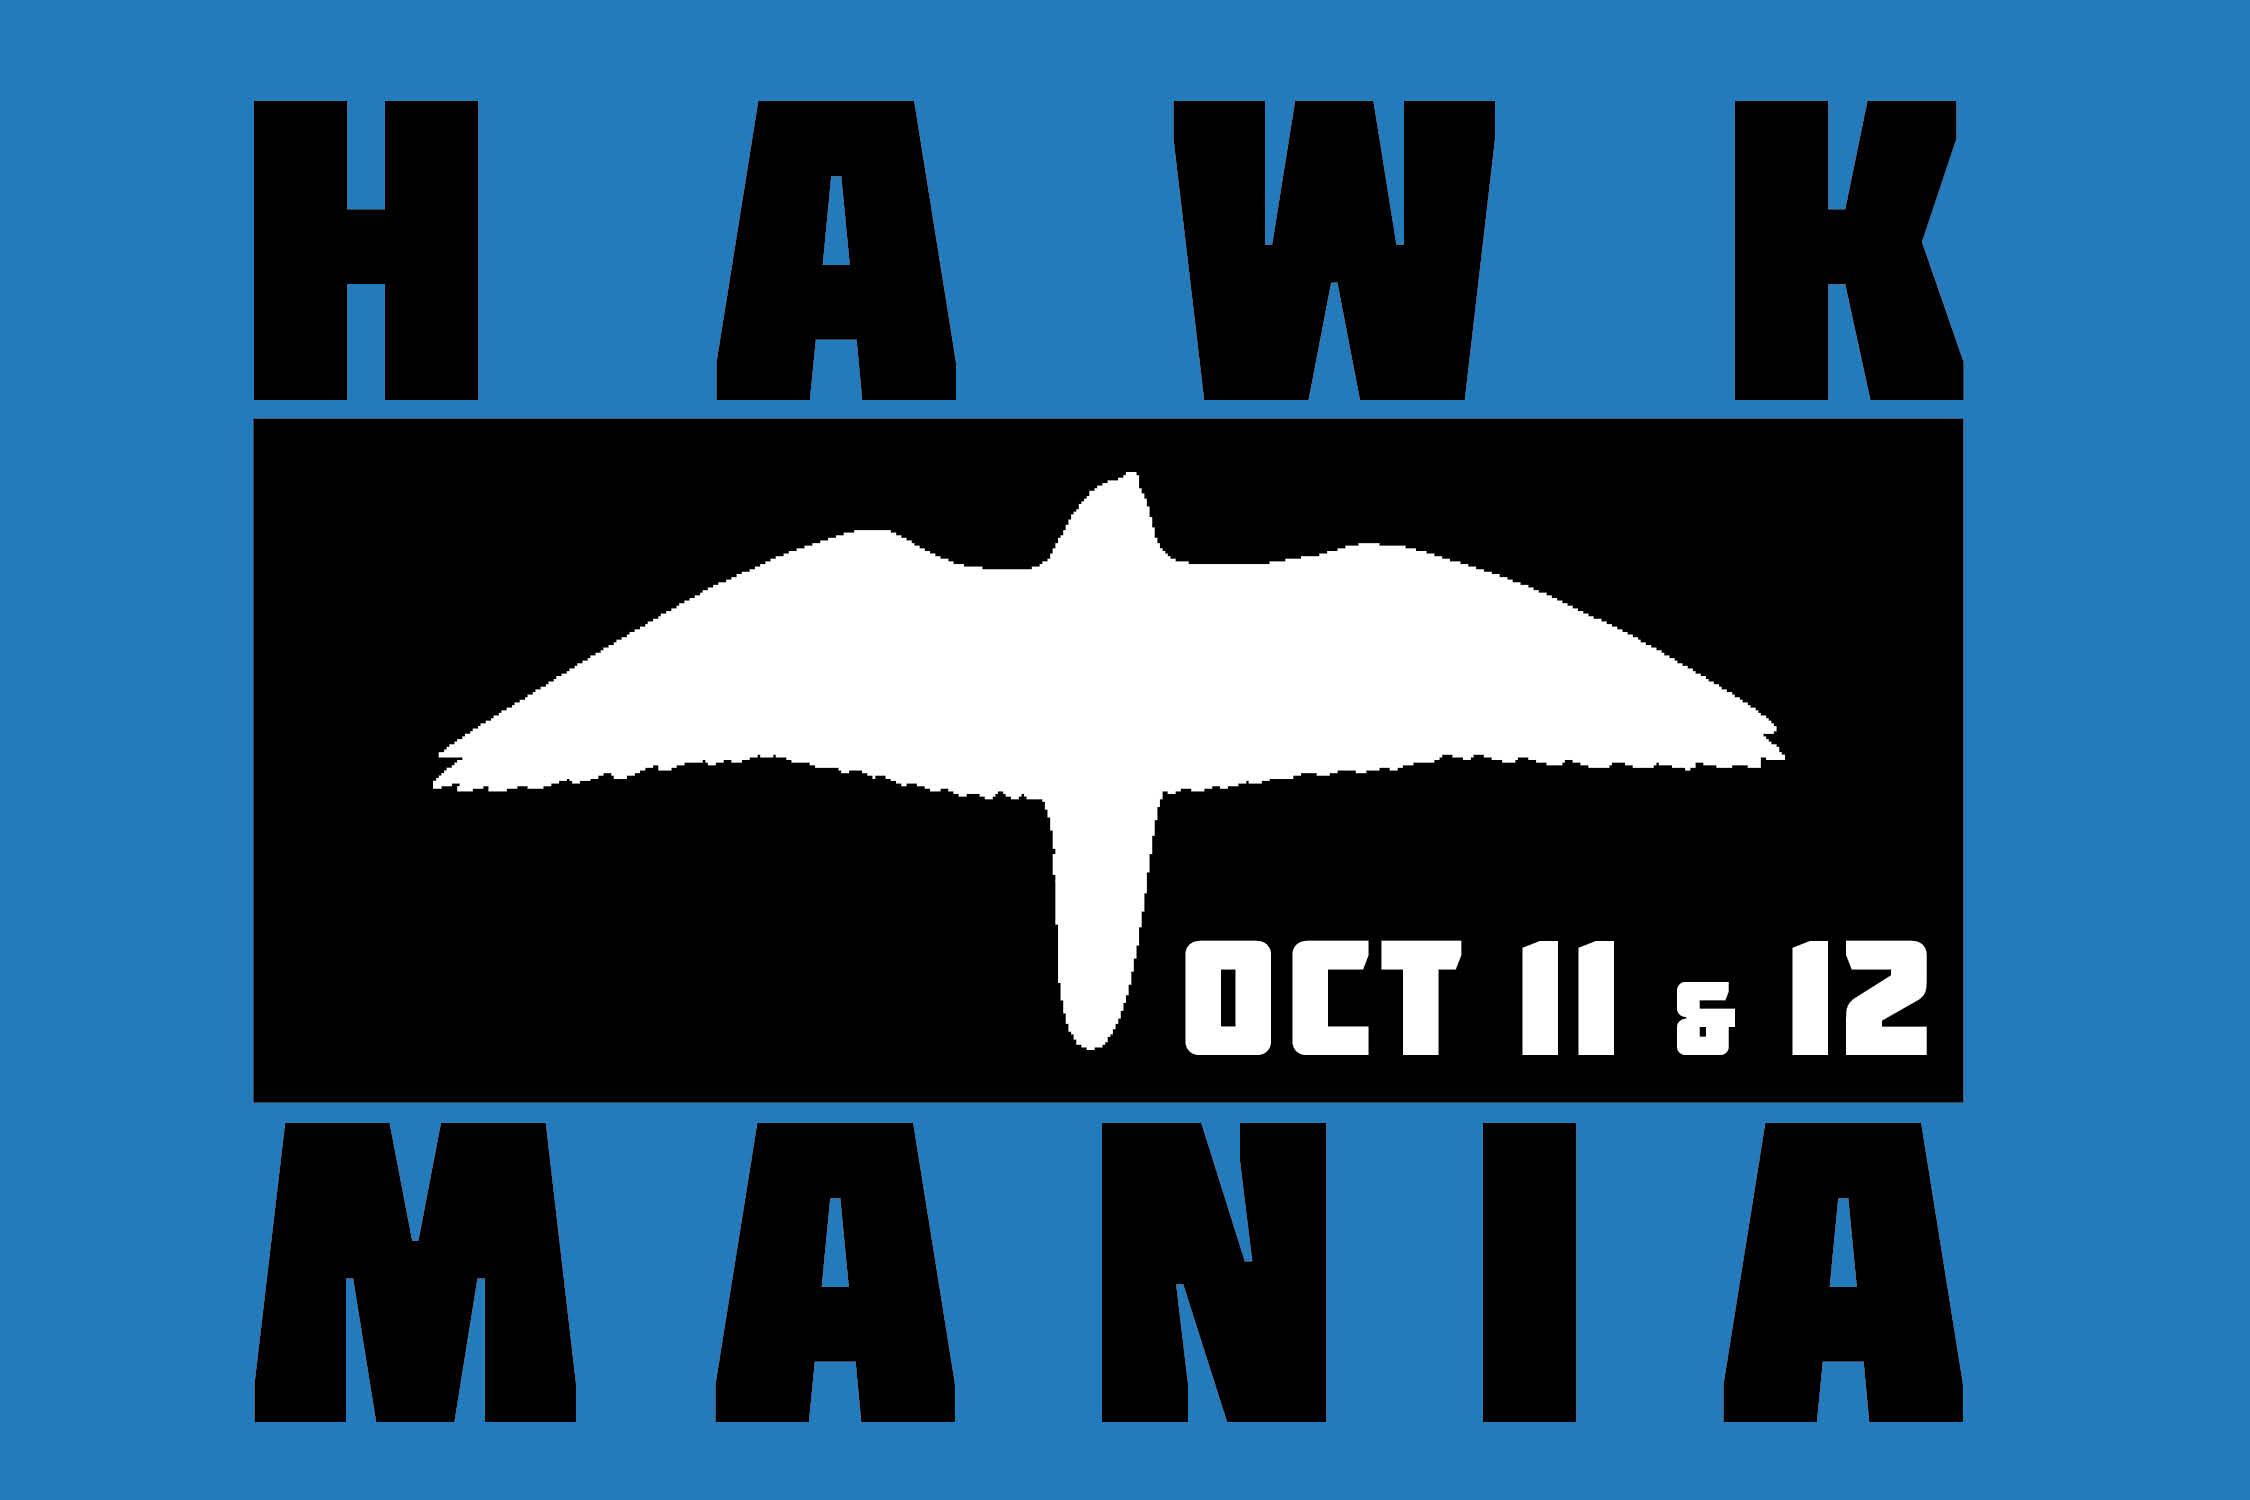 Hawk Mania 19 for FKAS site.jpg